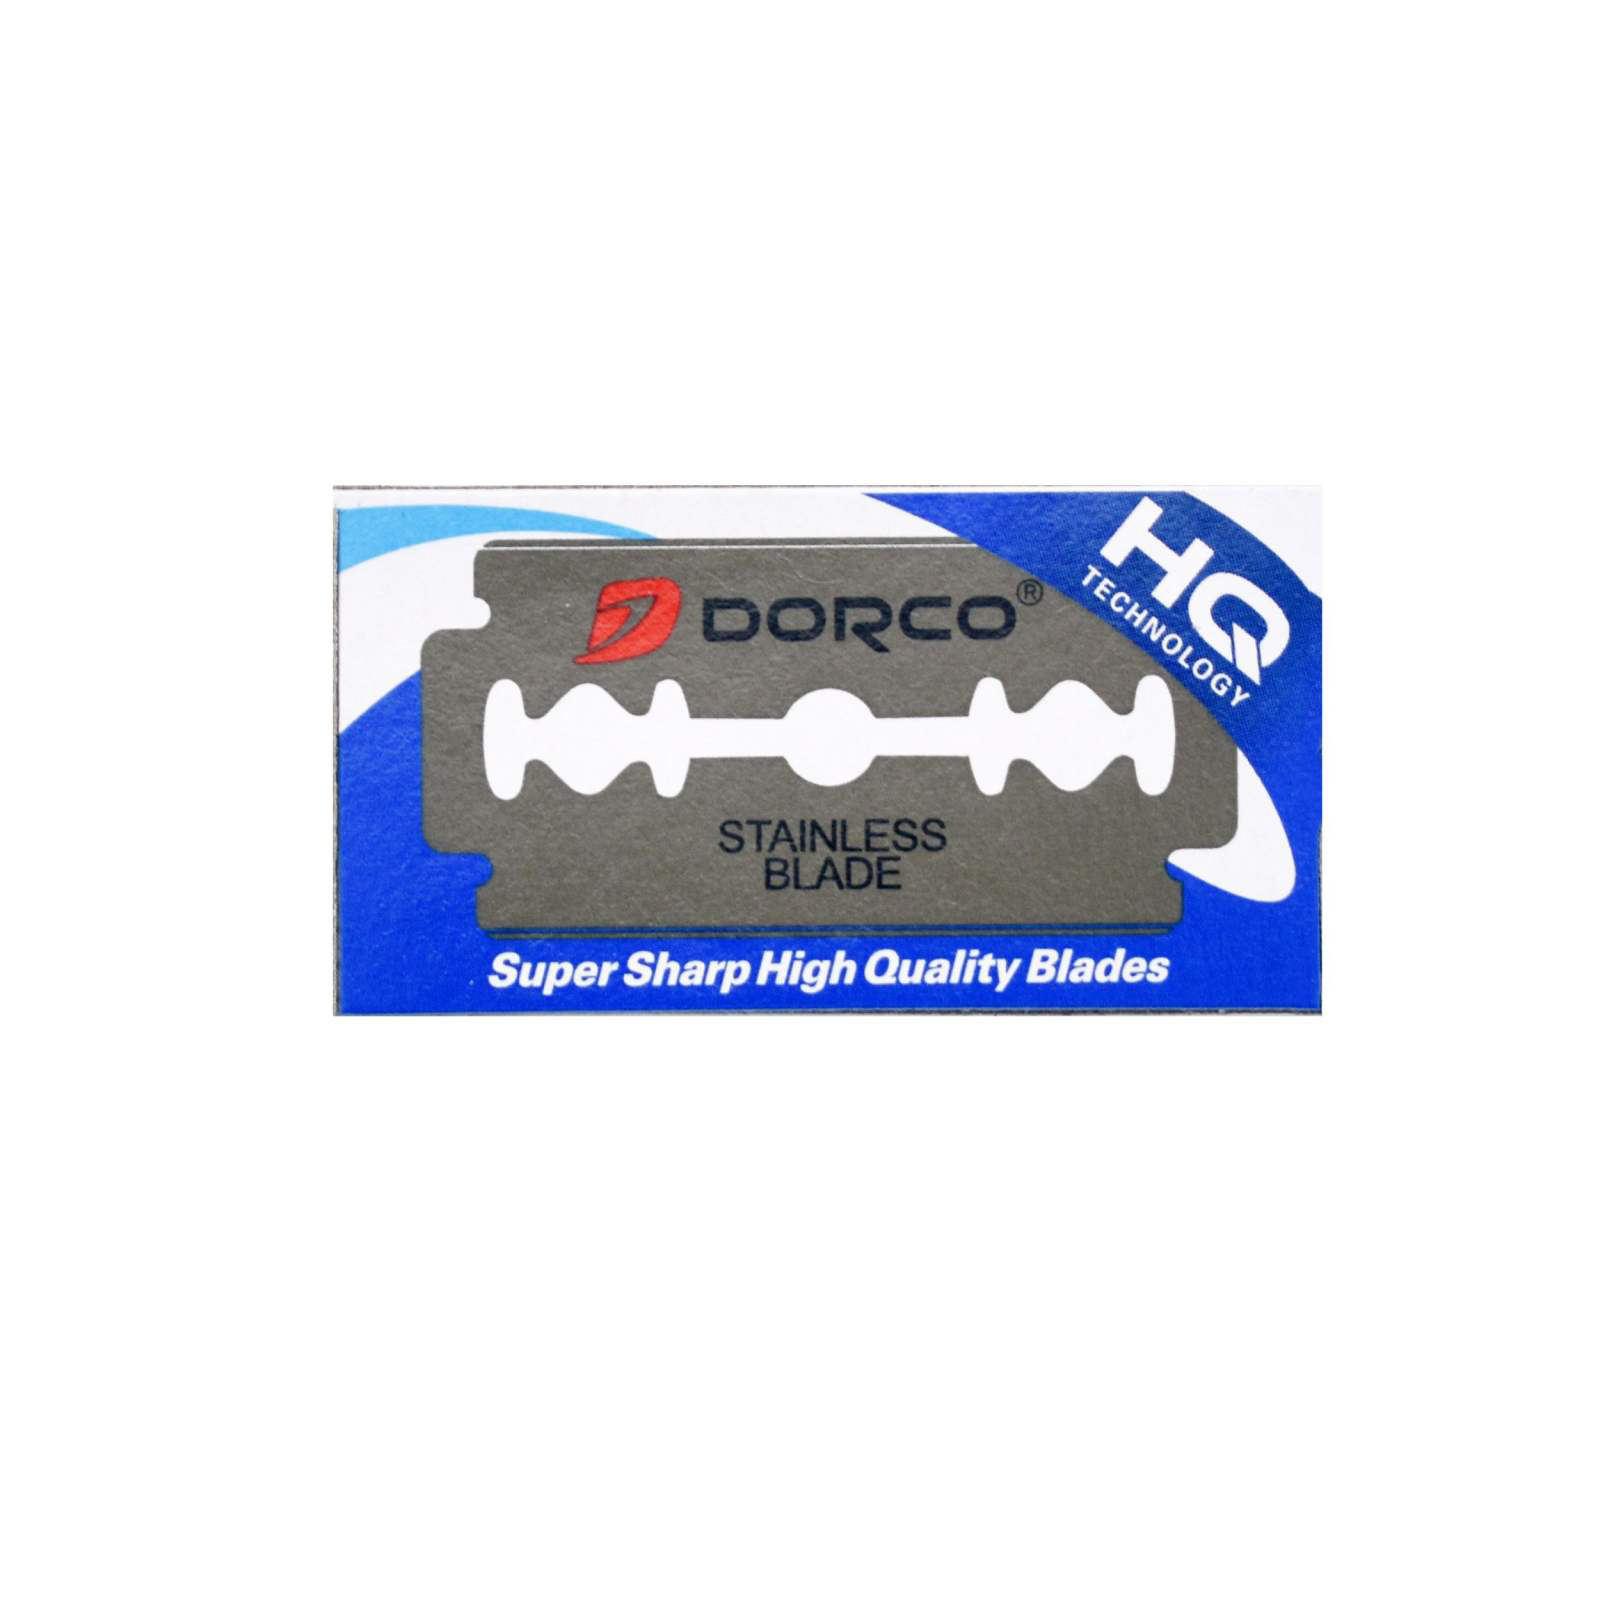 تیغ یدک دورکو مدل HQ-22 مجموعه 8 عددی -  - 3